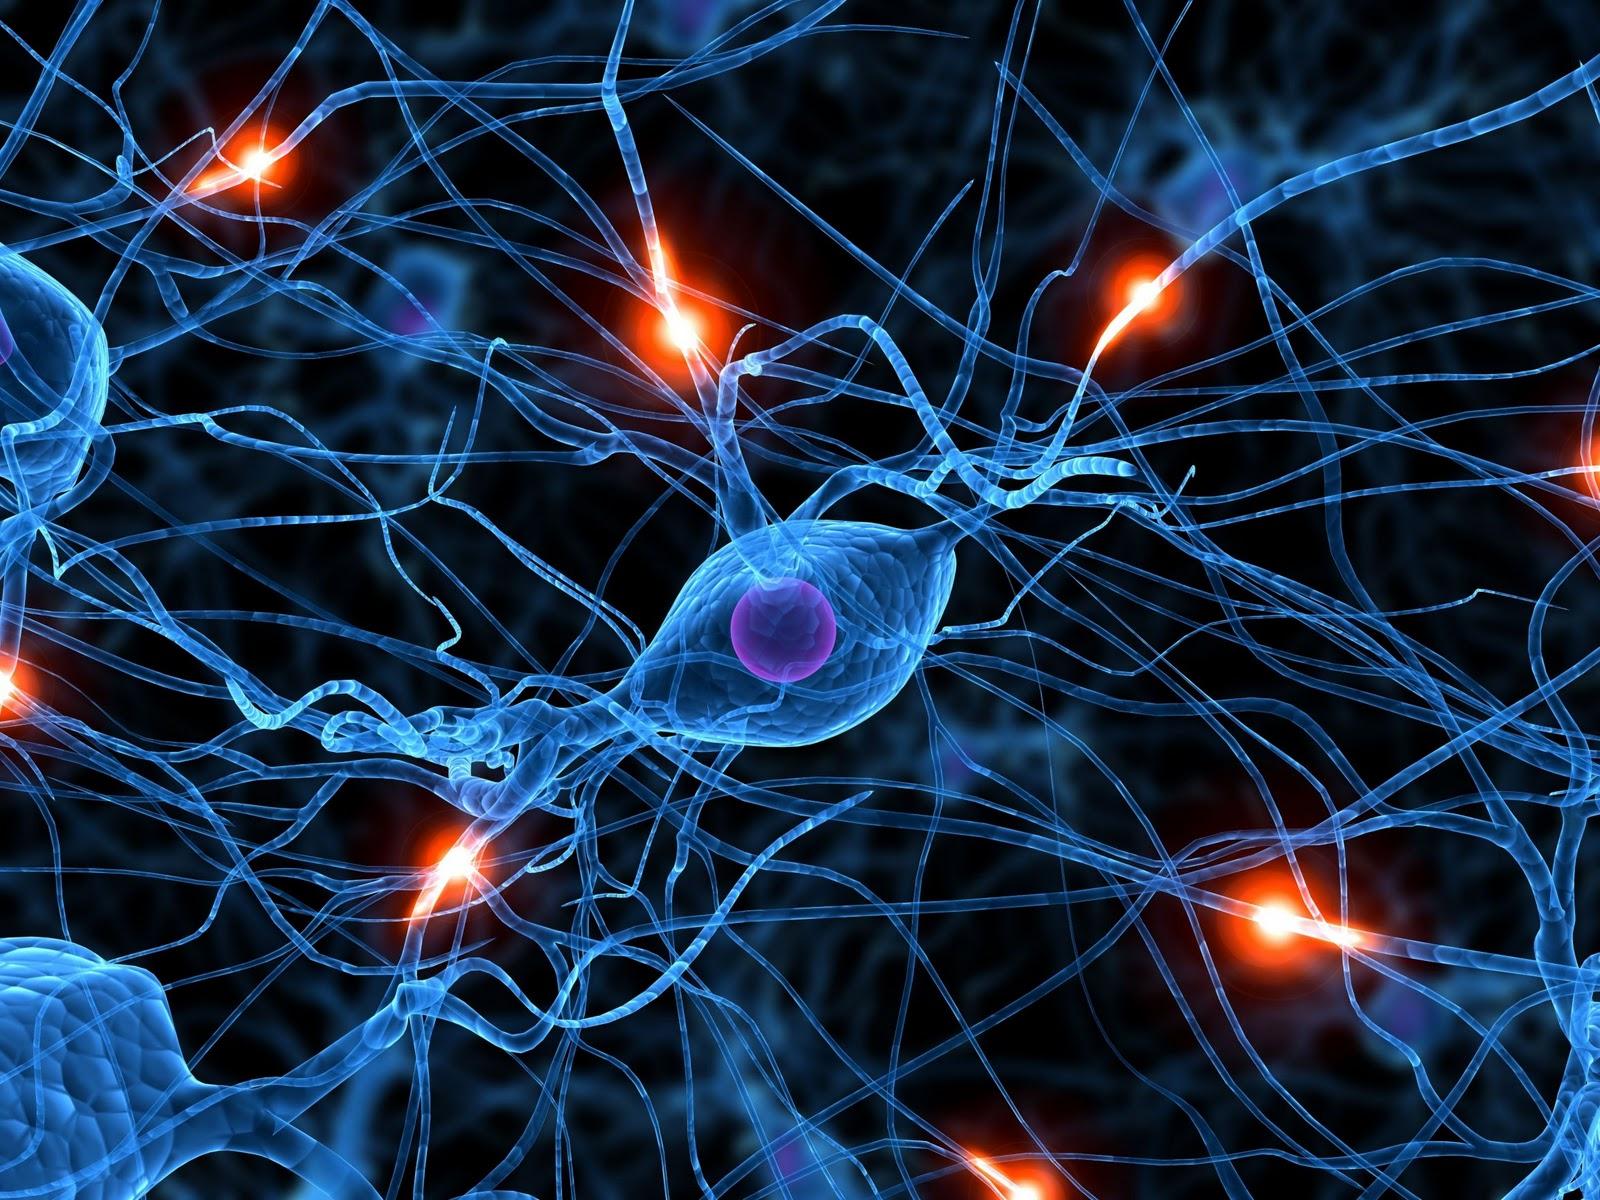 Melhores sua capacidade com sites que aumentam sua inteligência